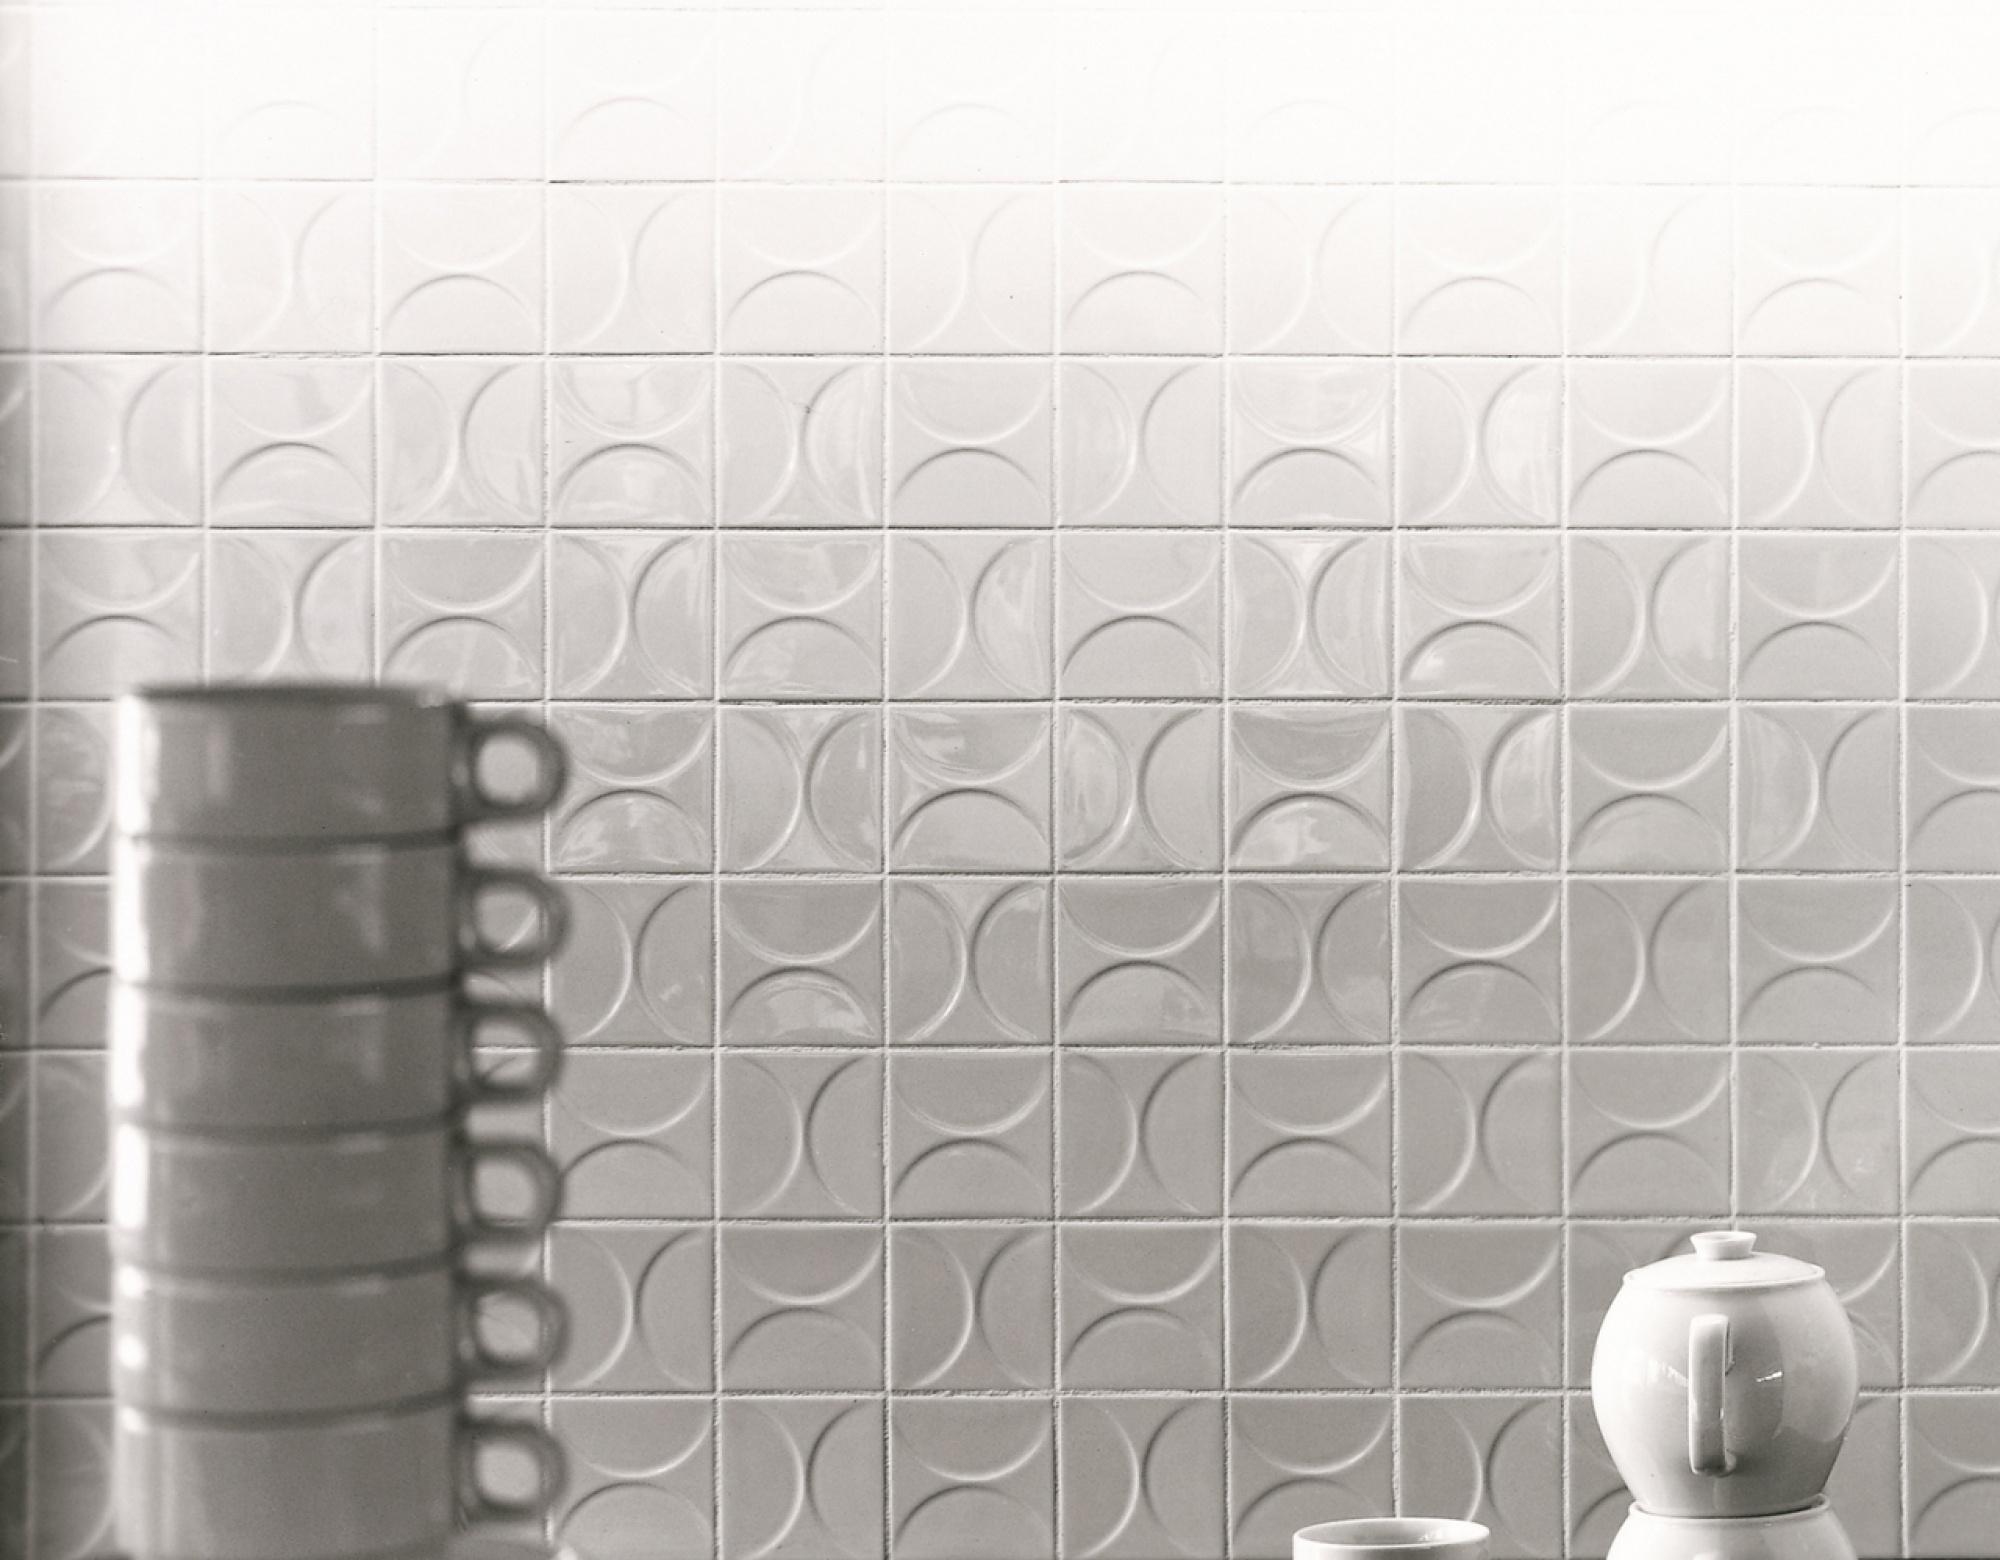 Mosa Tegels Badkamer : Wandtegels u e mosa tegels